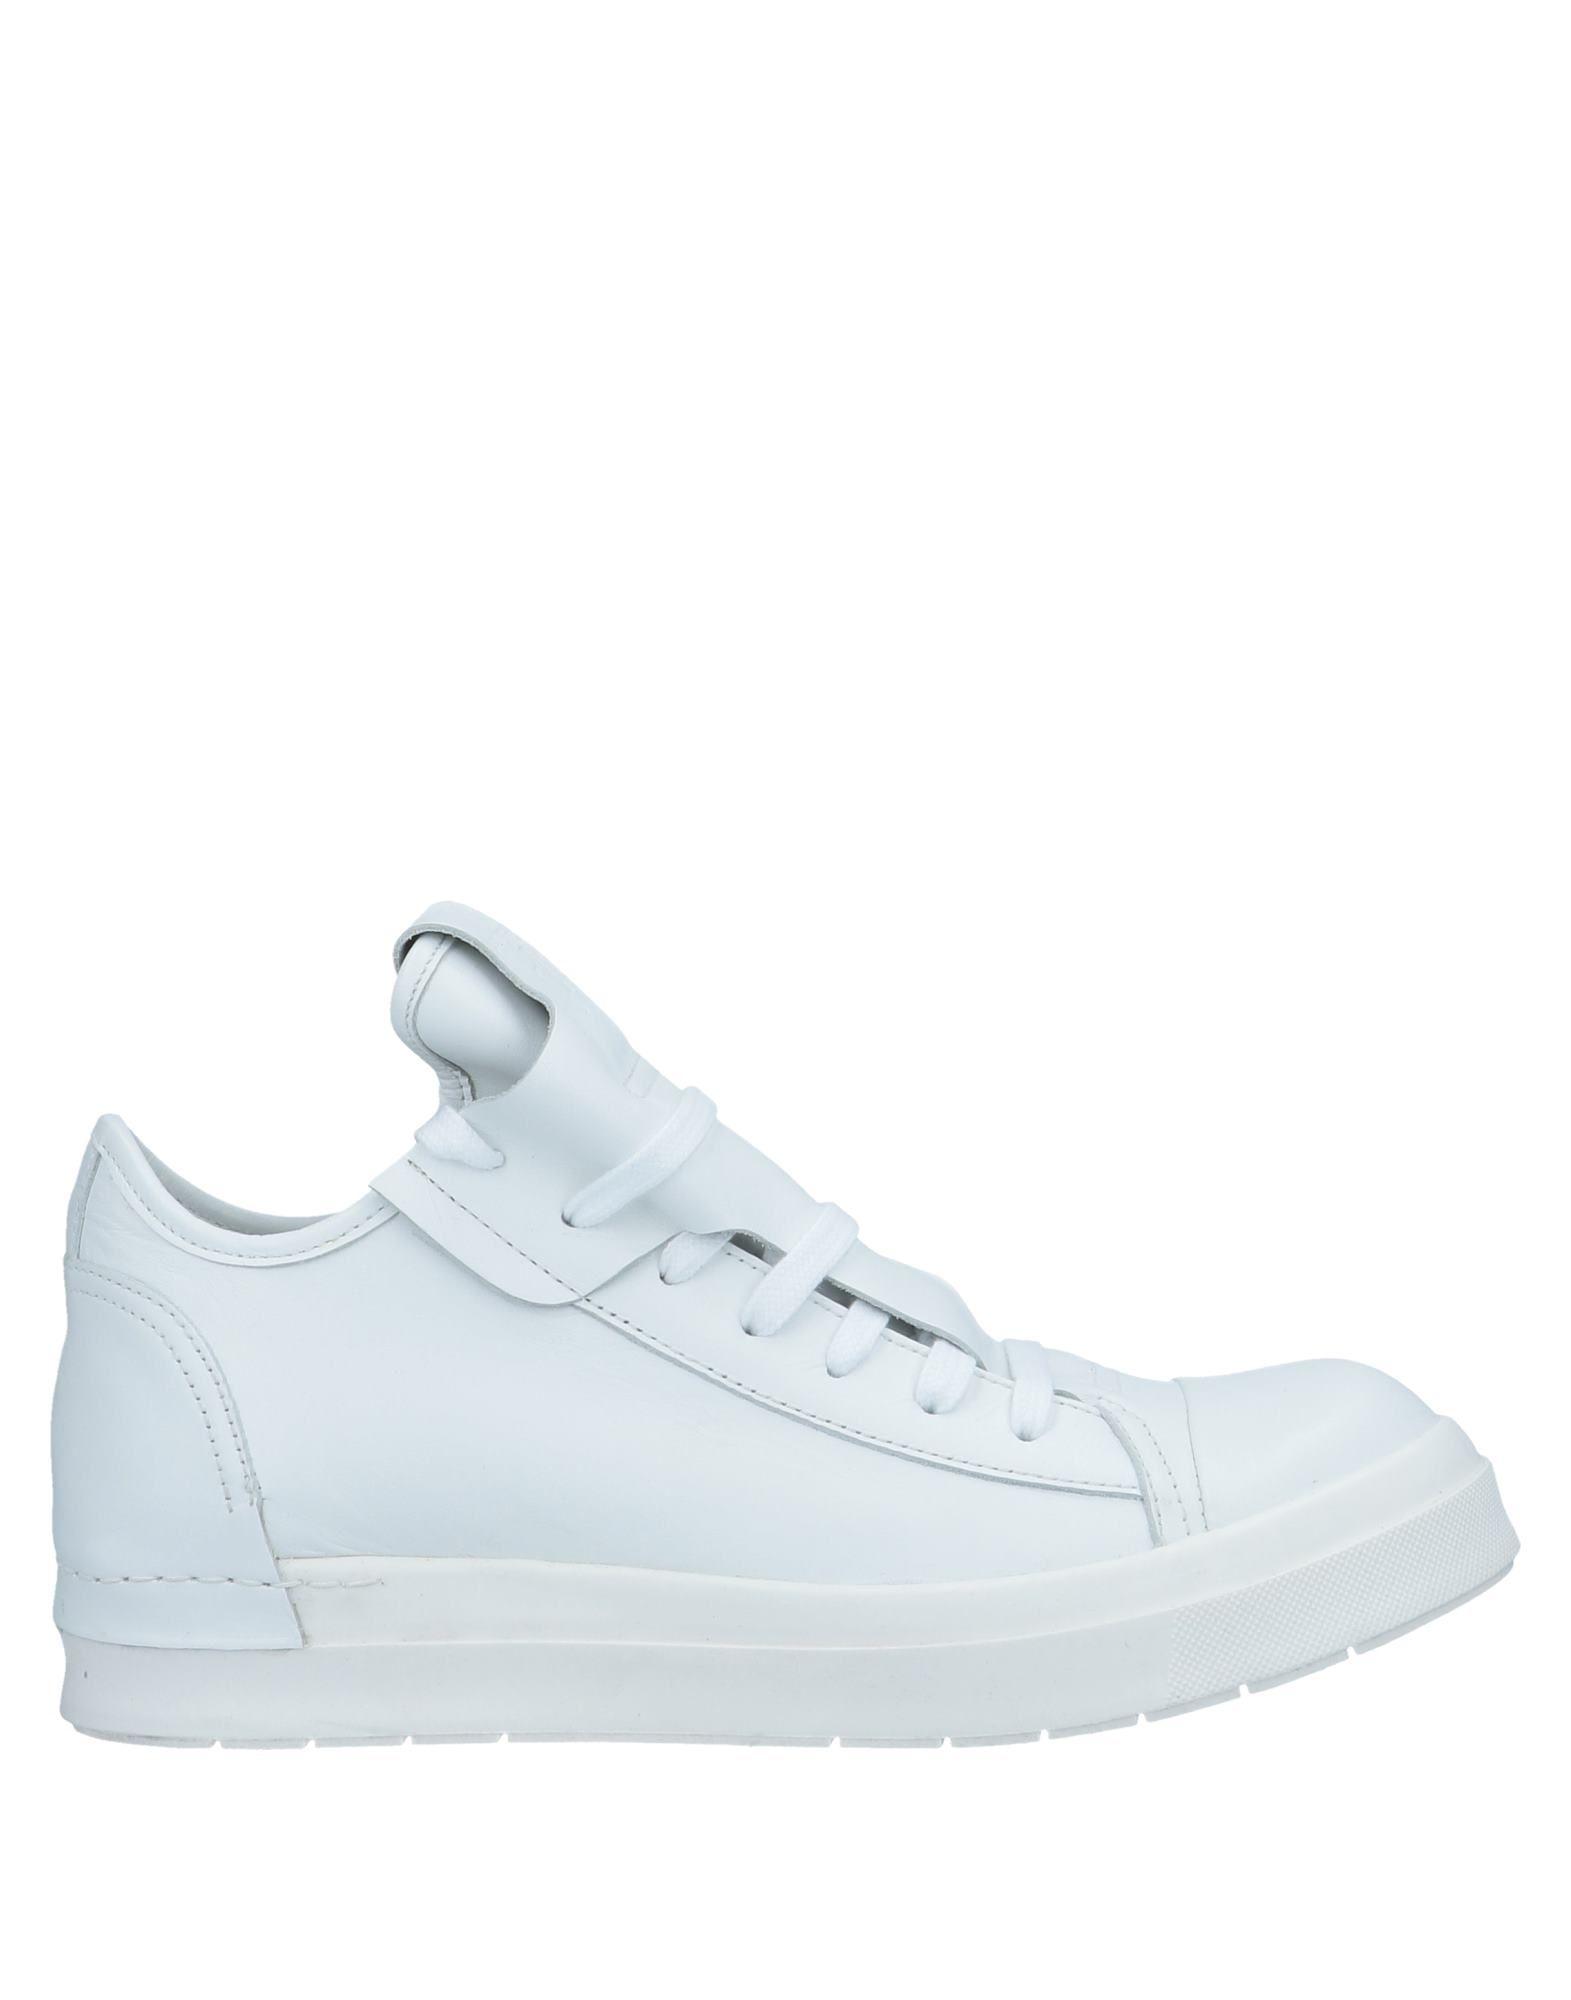 Cinzia Araia Sneakers Sneakers Sneakers - Men Cinzia Araia Sneakers online on  United Kingdom - 11573096CM ab0af2